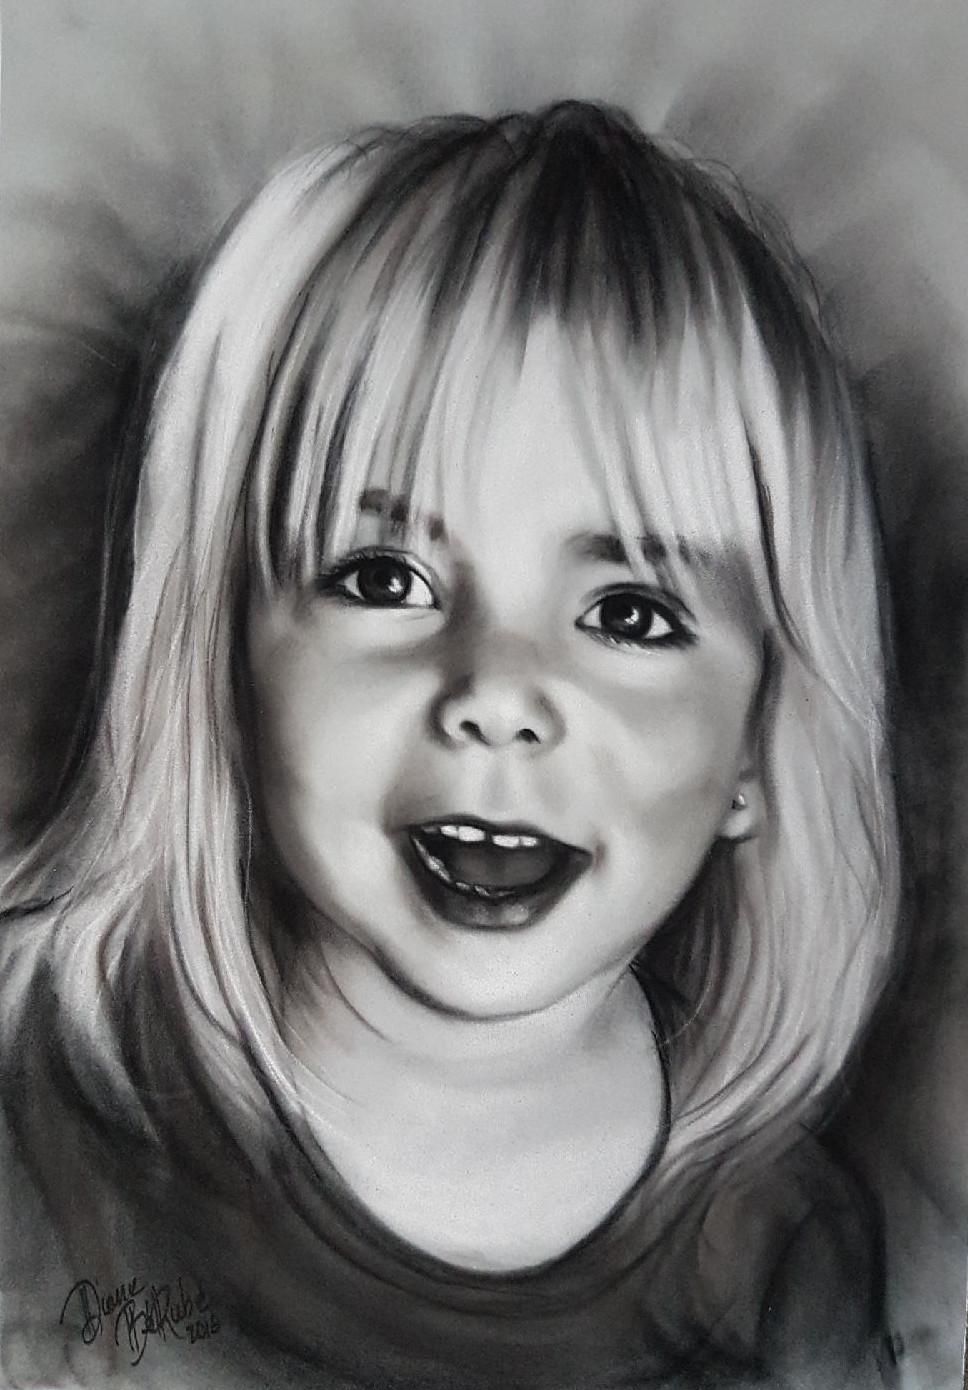 Olivia-fusain-portrait-diane-berube